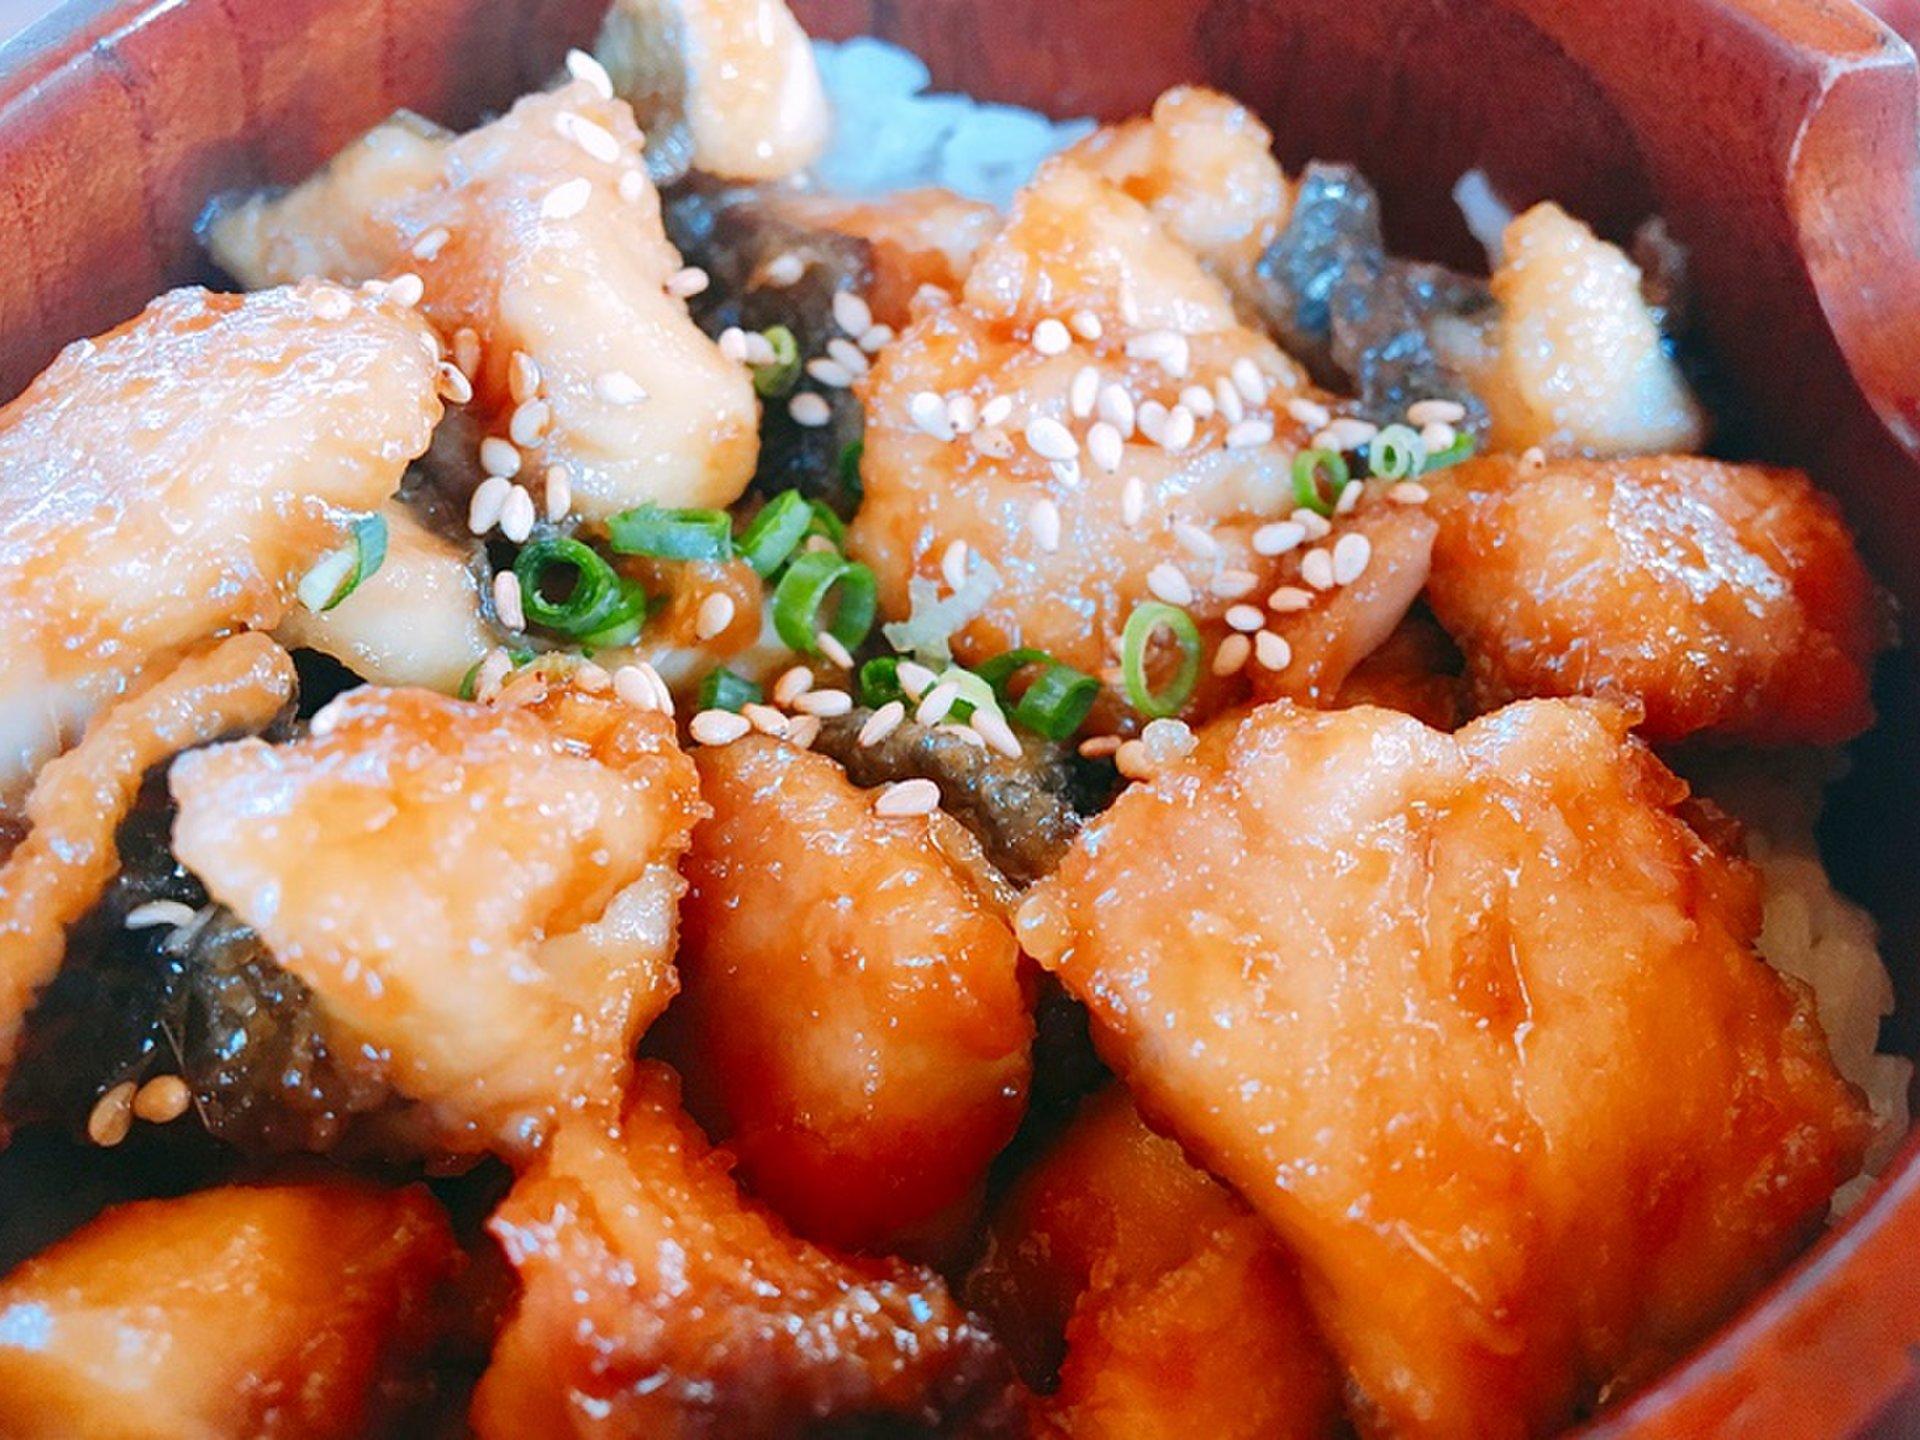 屋久島名物といえば、ここでしか食べられないとびうおひつまぶし「かたぎりさん」